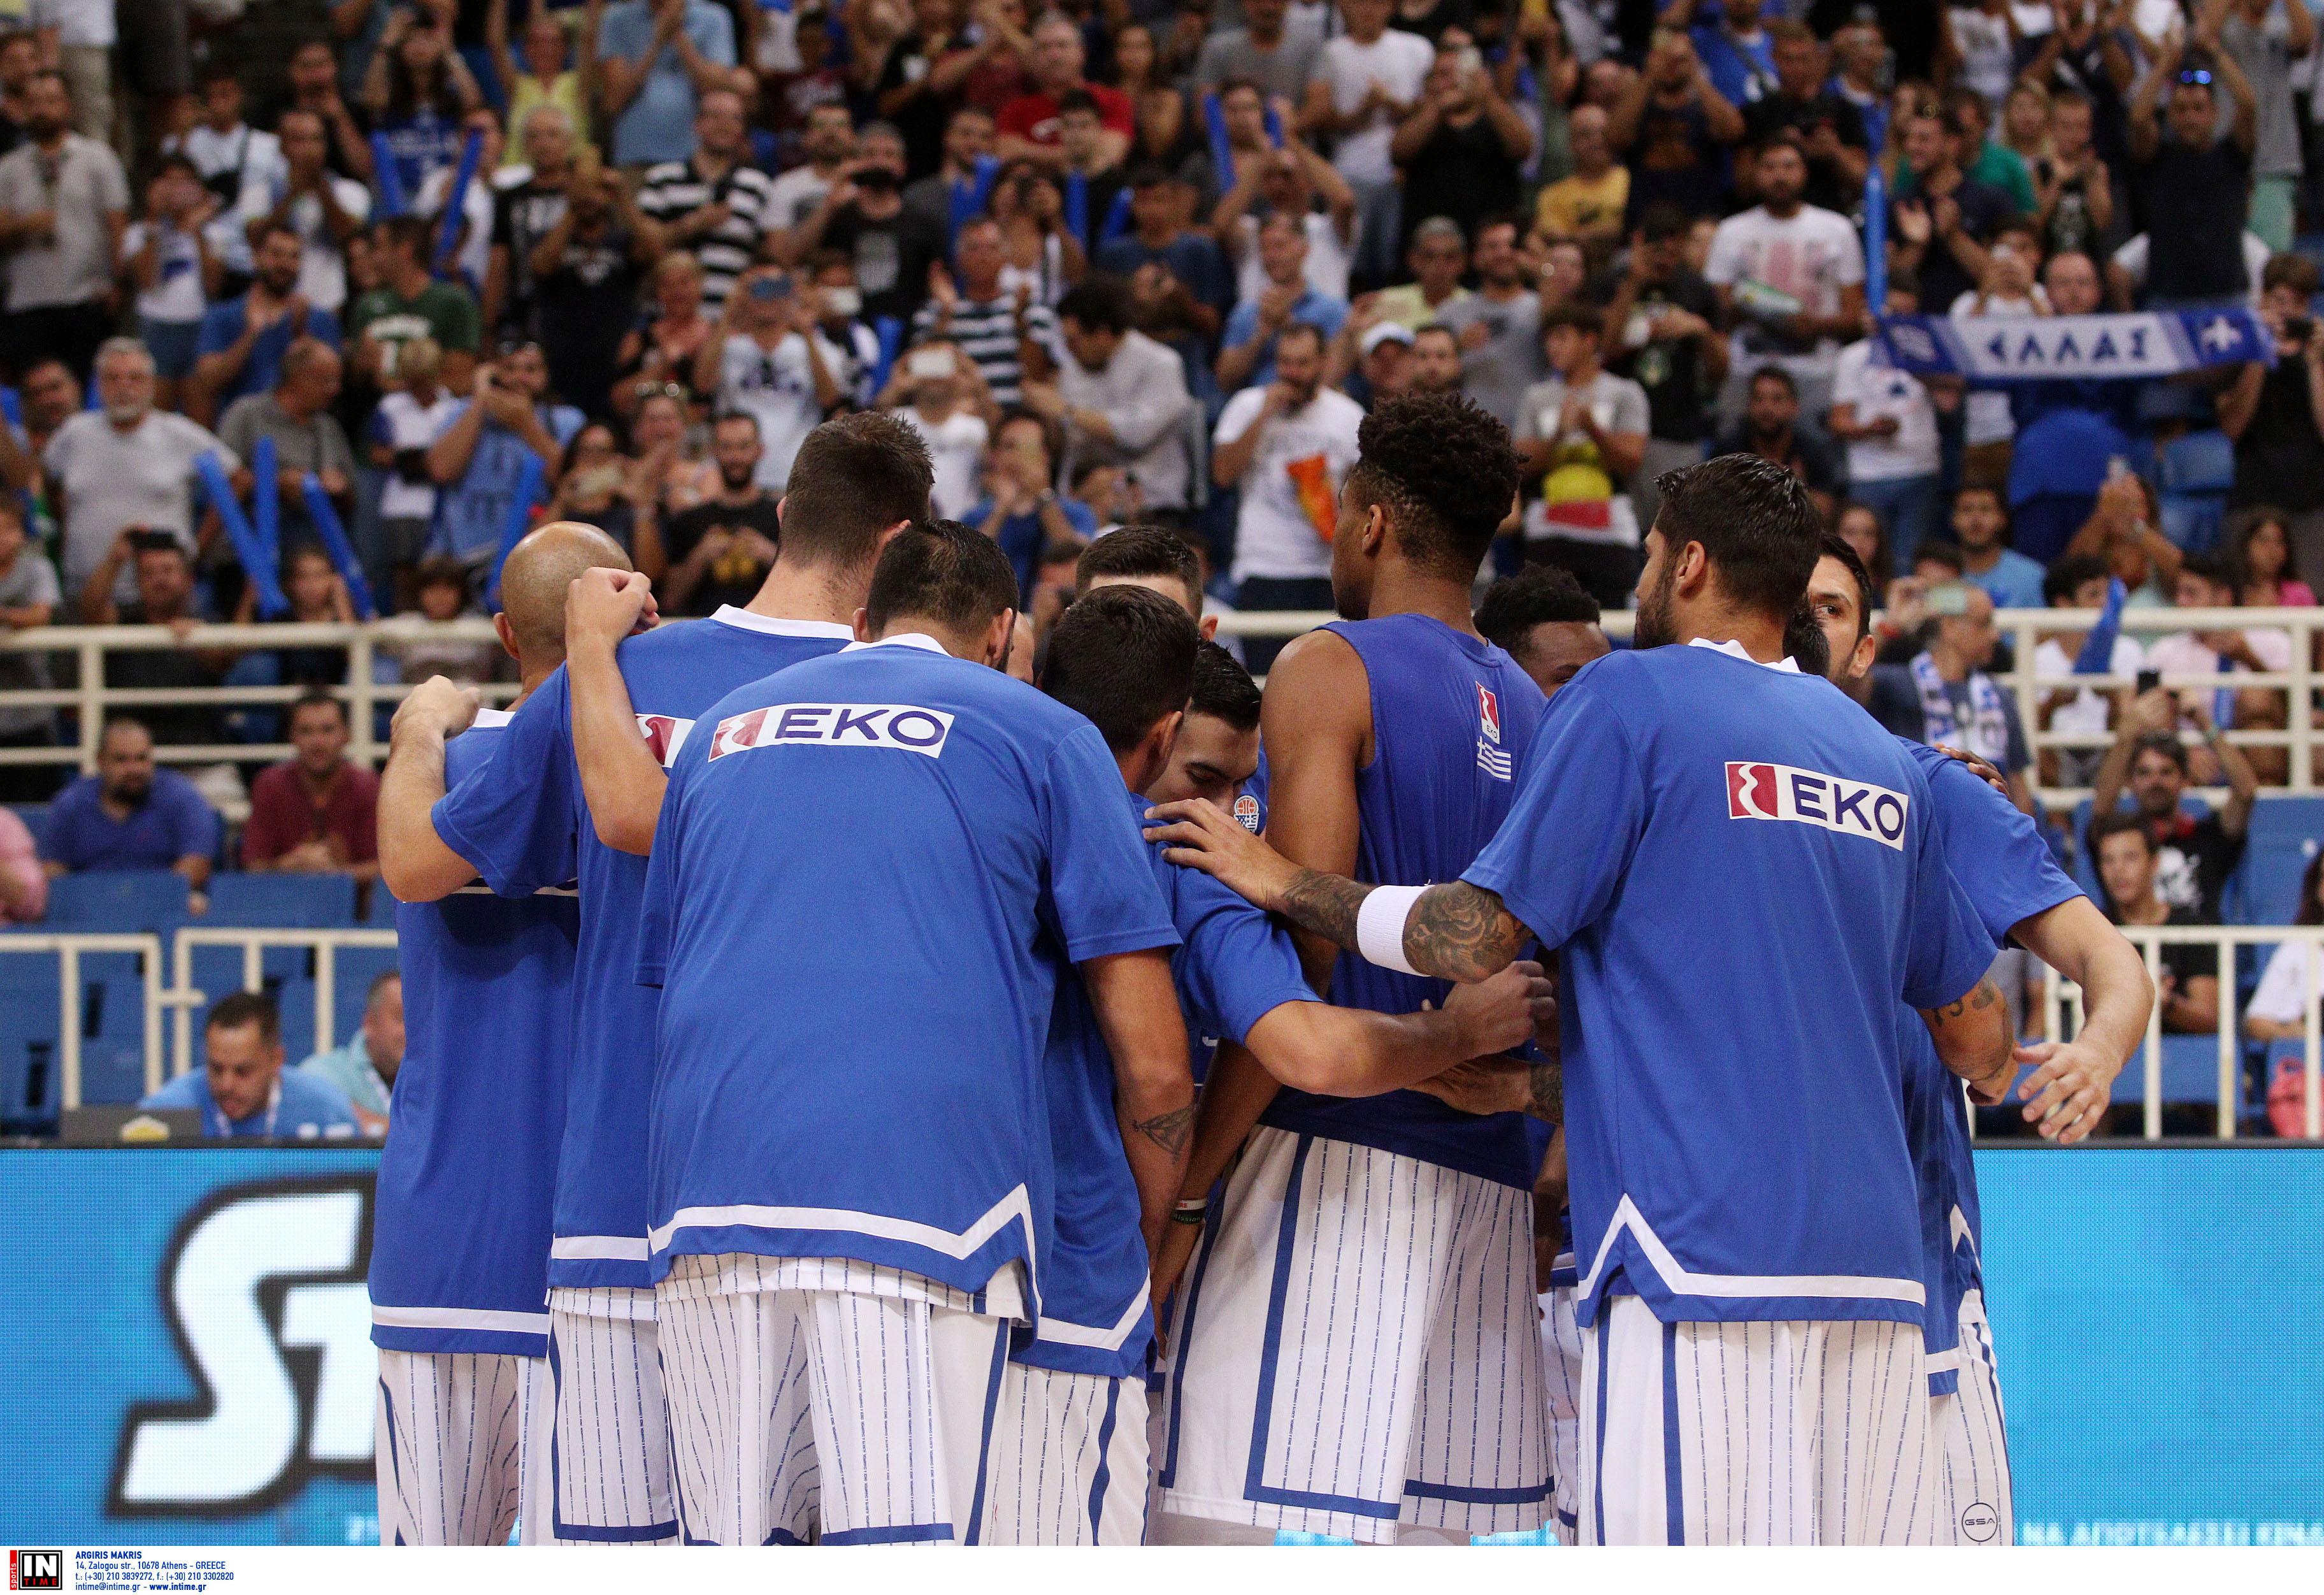 """Μουντομπάσκετ 2019: """"Μάχες"""" για Ελλάδα και ΗΠΑ! Τα παιχνίδια της ημέρας (03/09)"""